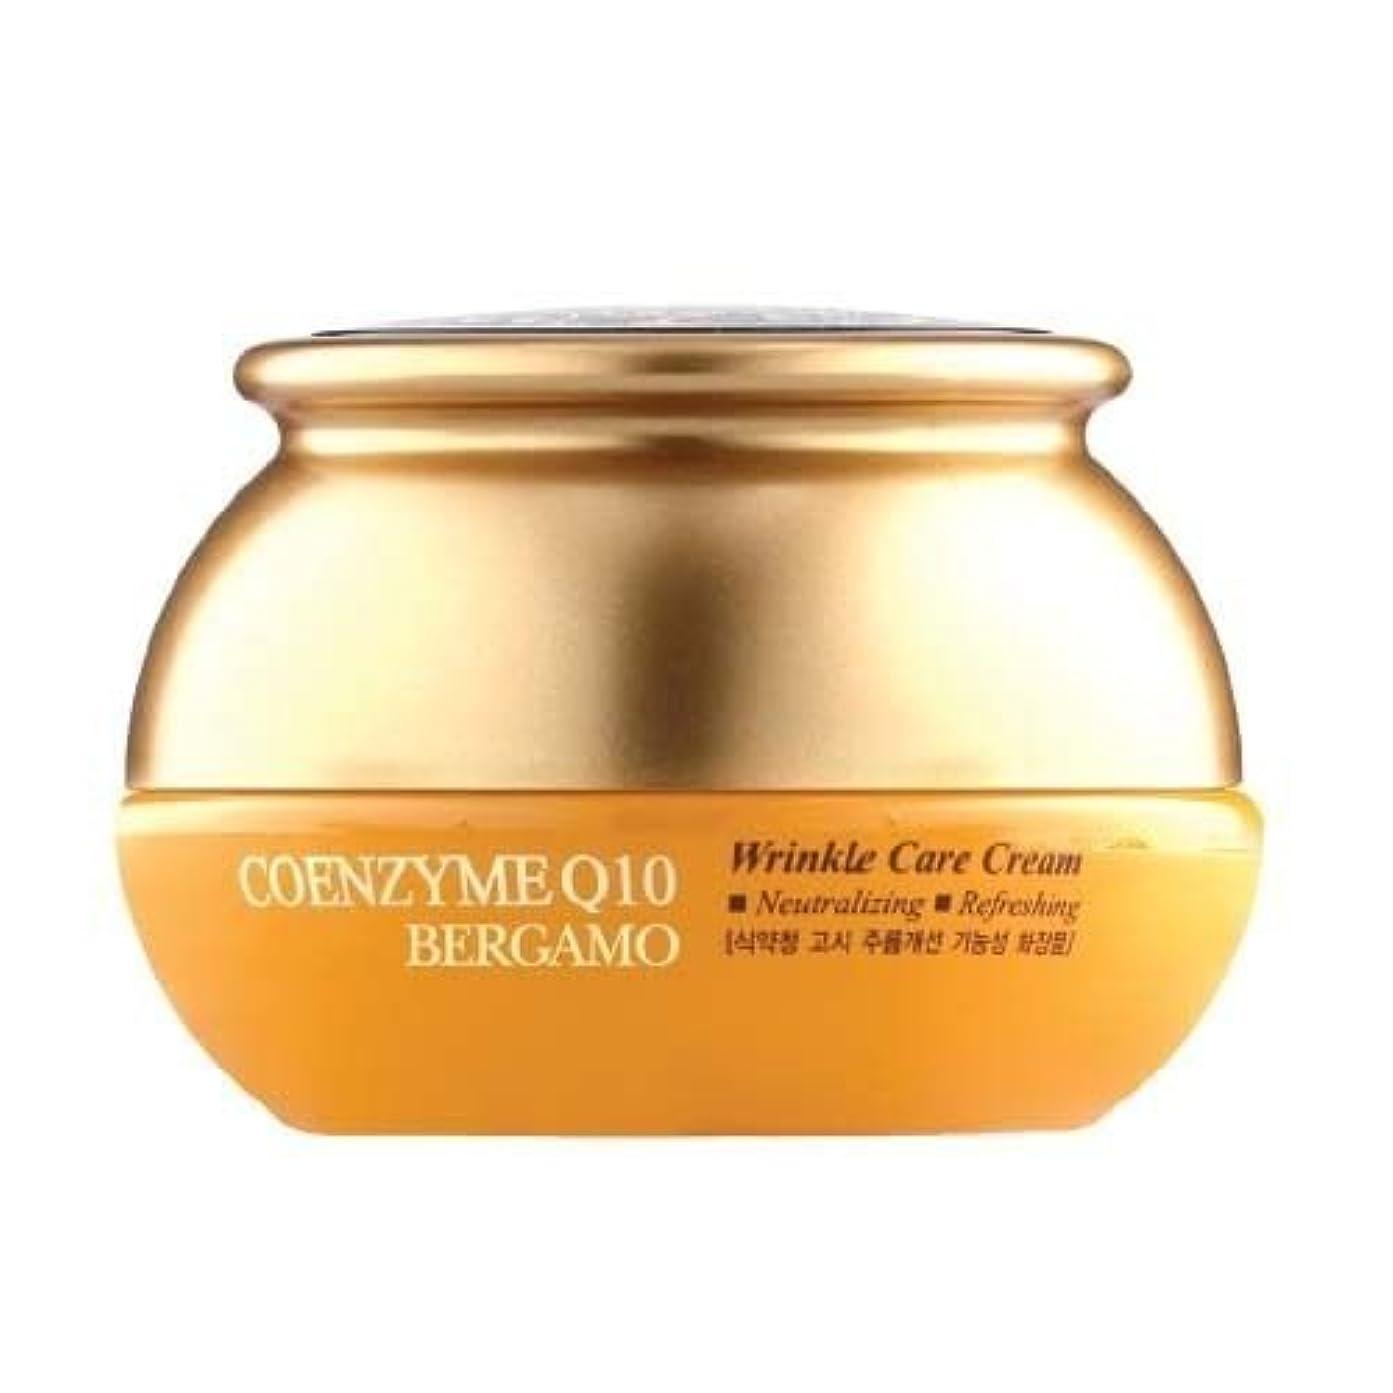 ヶ月目海里いつかベルガモ[韓国コスメBergamo]Coenzyme Q10 Wrinkle Care Cream コエンザイムQ10リンクルケアクリーム50ml しわ管理 [並行輸入品]